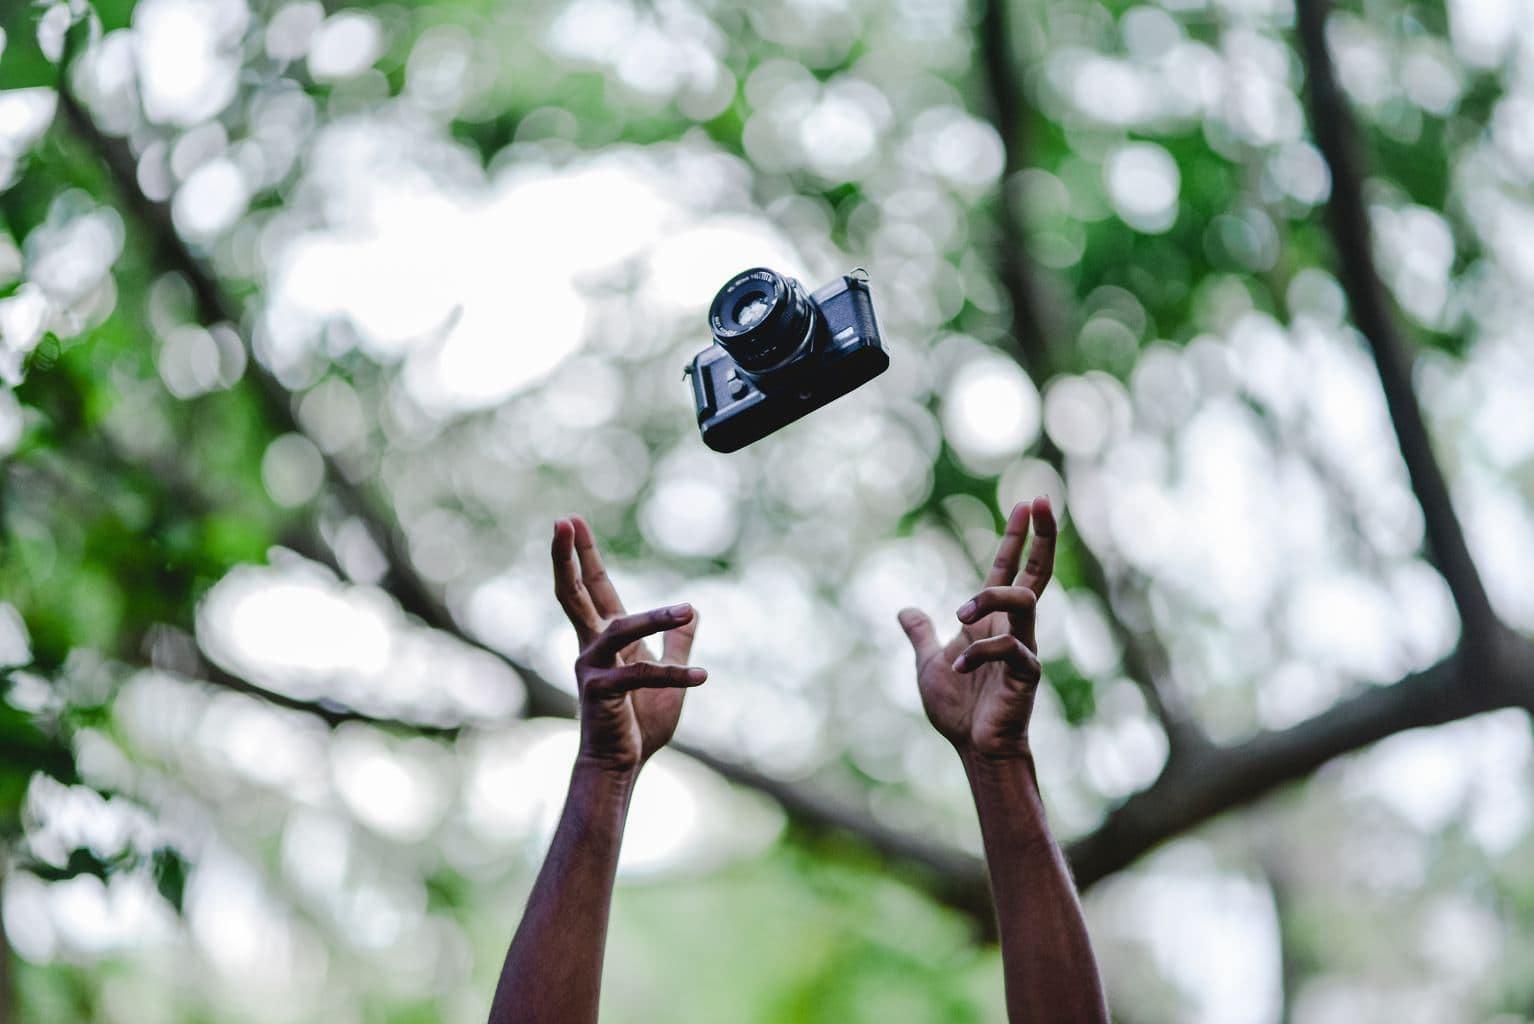 una cámara réflex en el aire